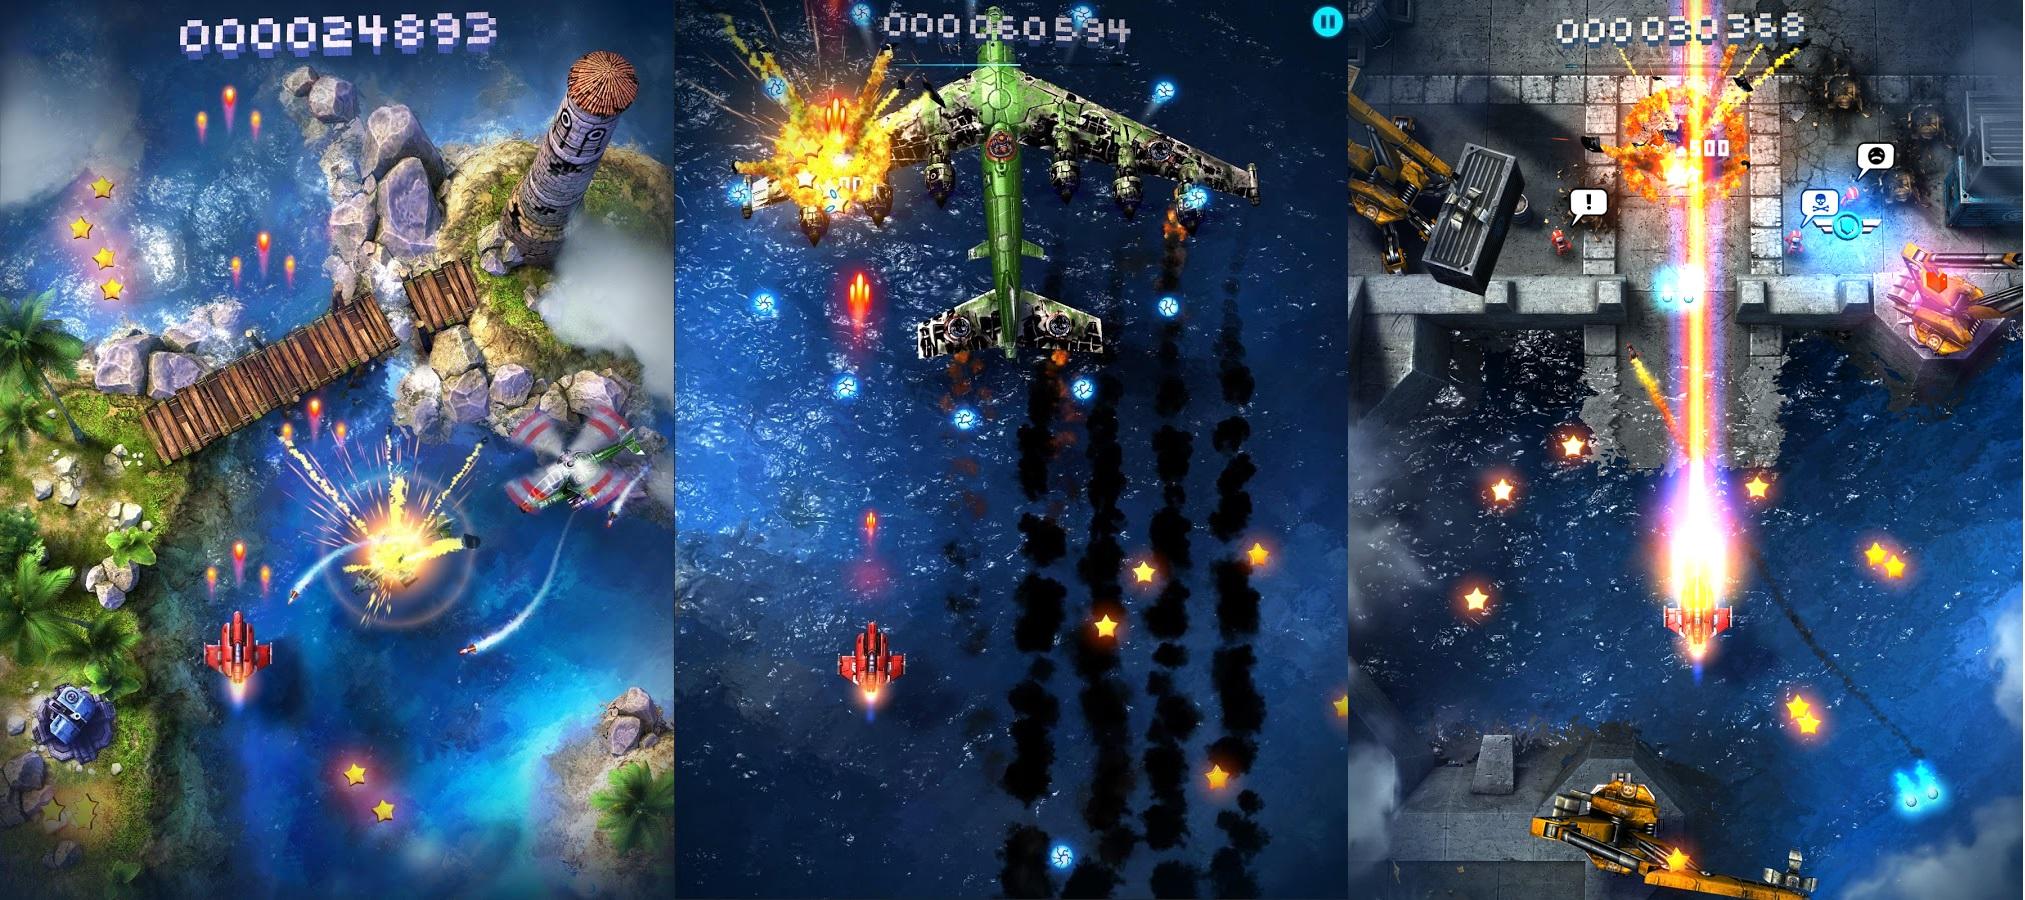 Sky Force 2014 : un shoot them up de toute beauté sur Android